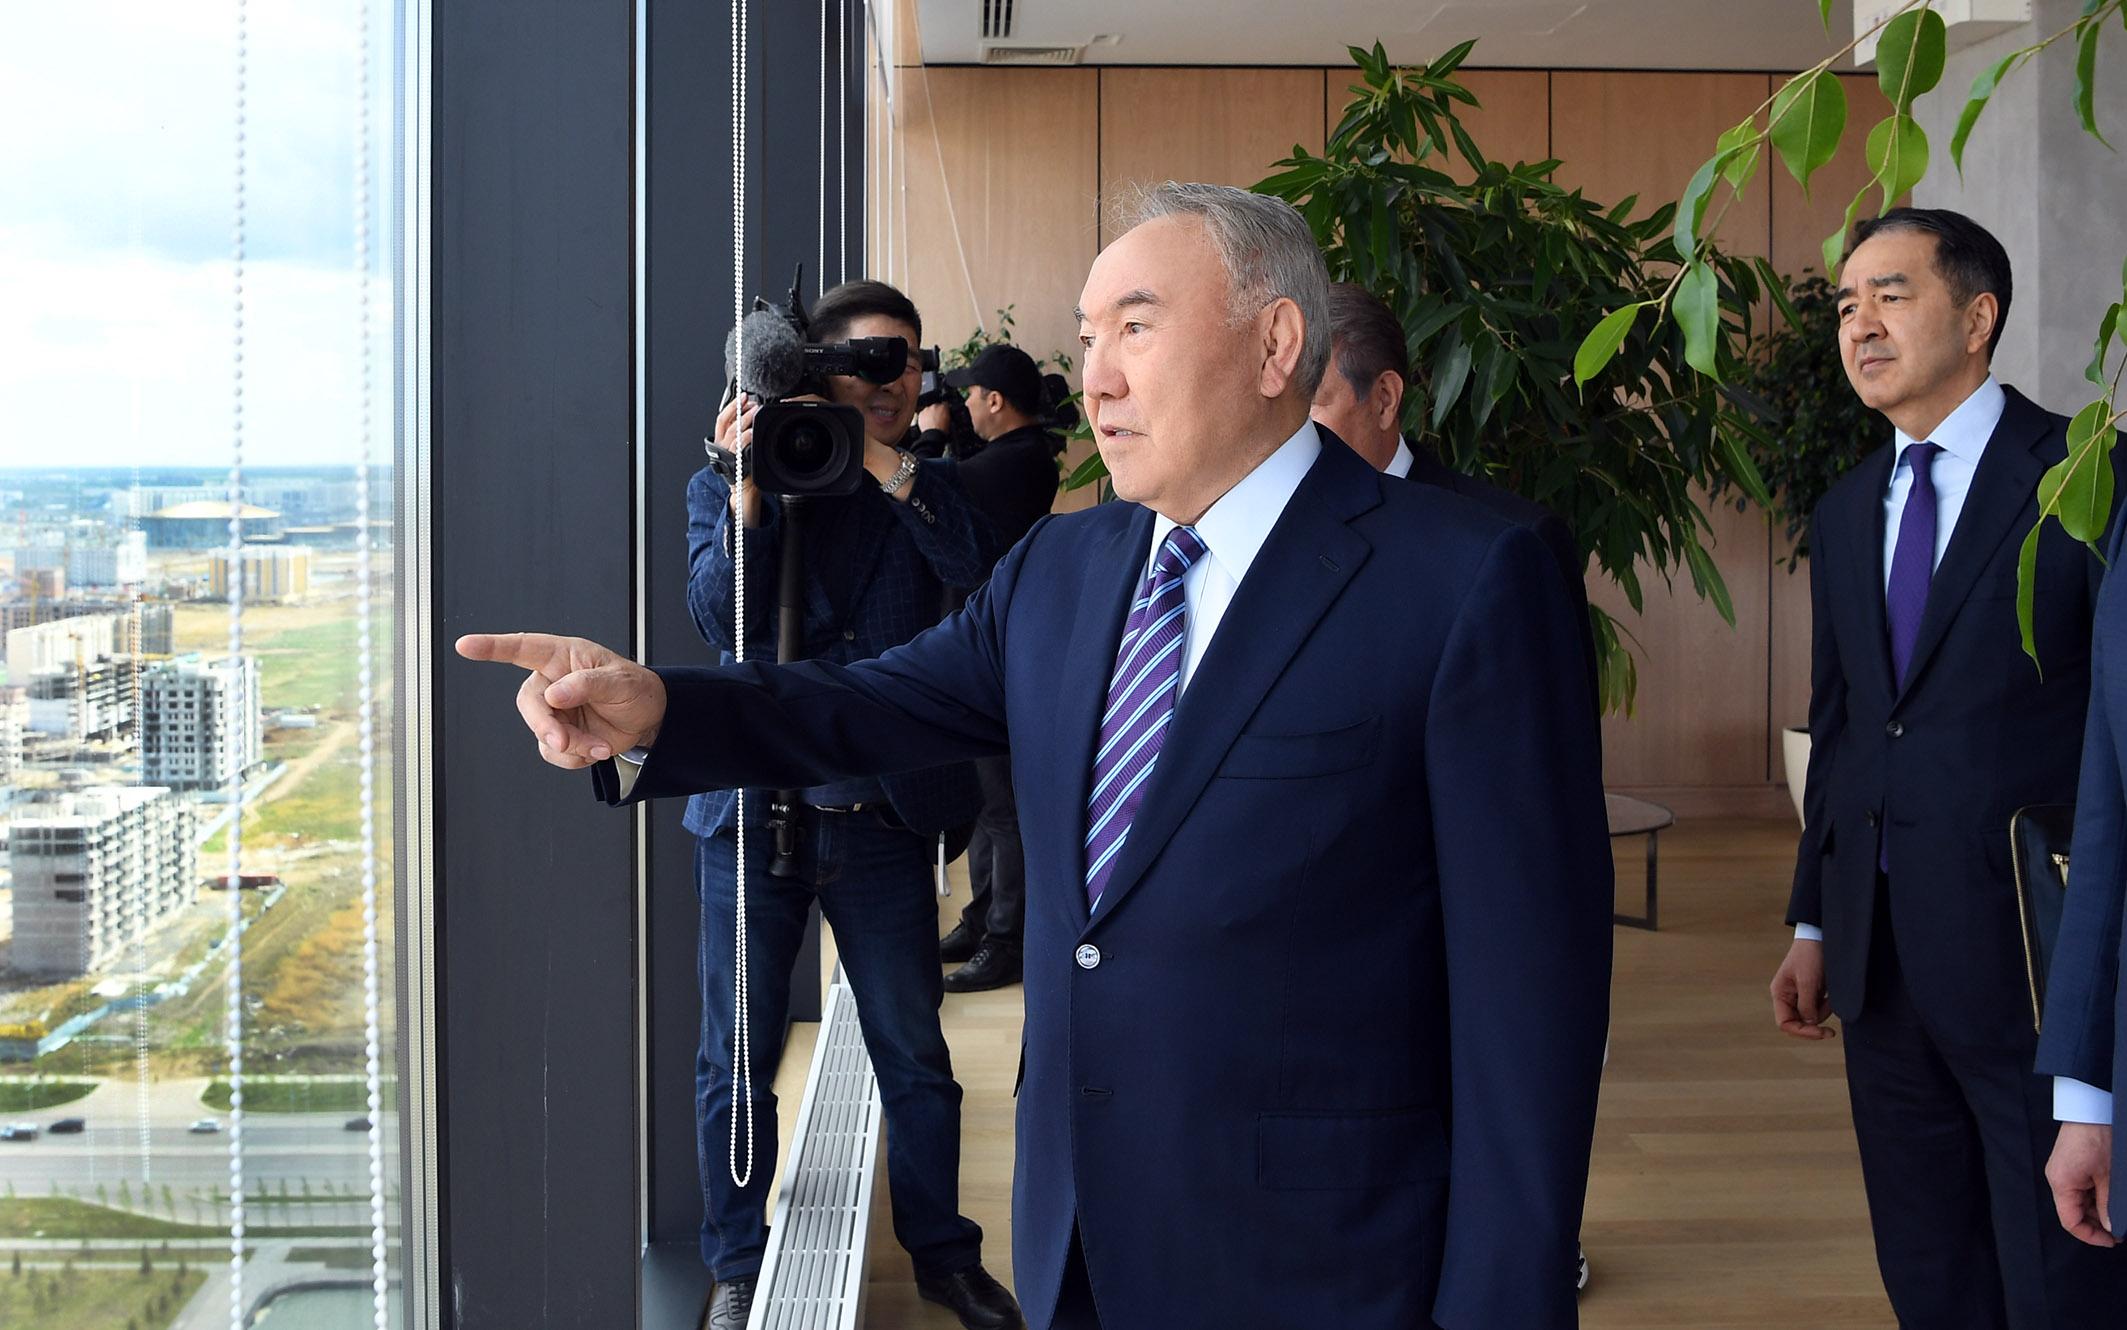 Нурсултан Назарбаев отметил, что деятельность «Самрук-Казына» будет находиться на его личном контроле, Нурсултан Назарбаев, Самрук-Казына, контроль